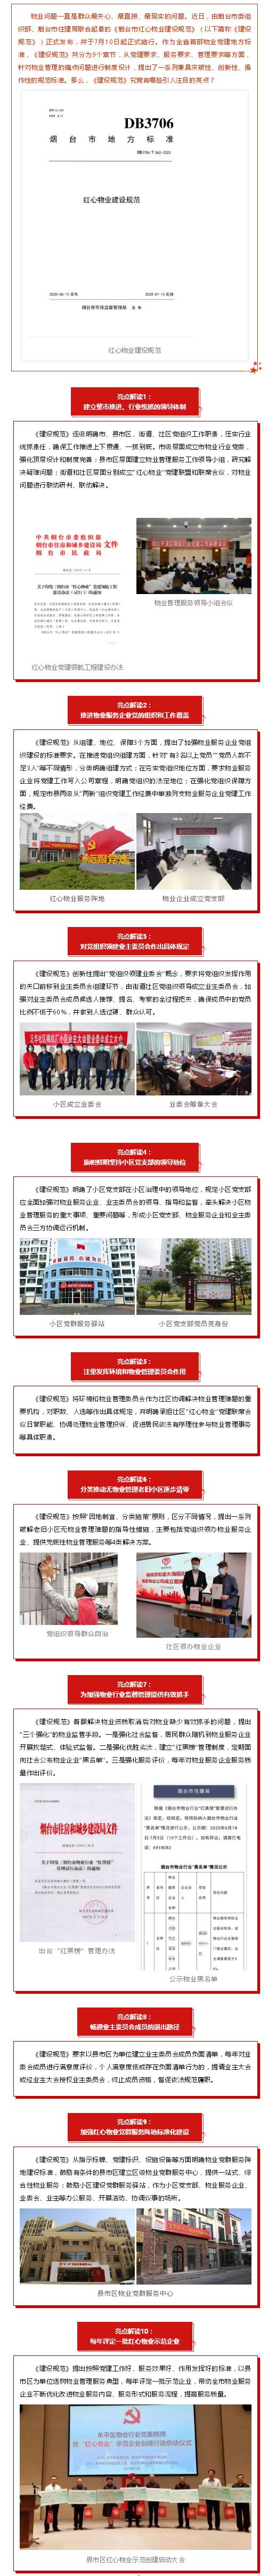 重磅!全省首部红色物业地方标准正式施行!